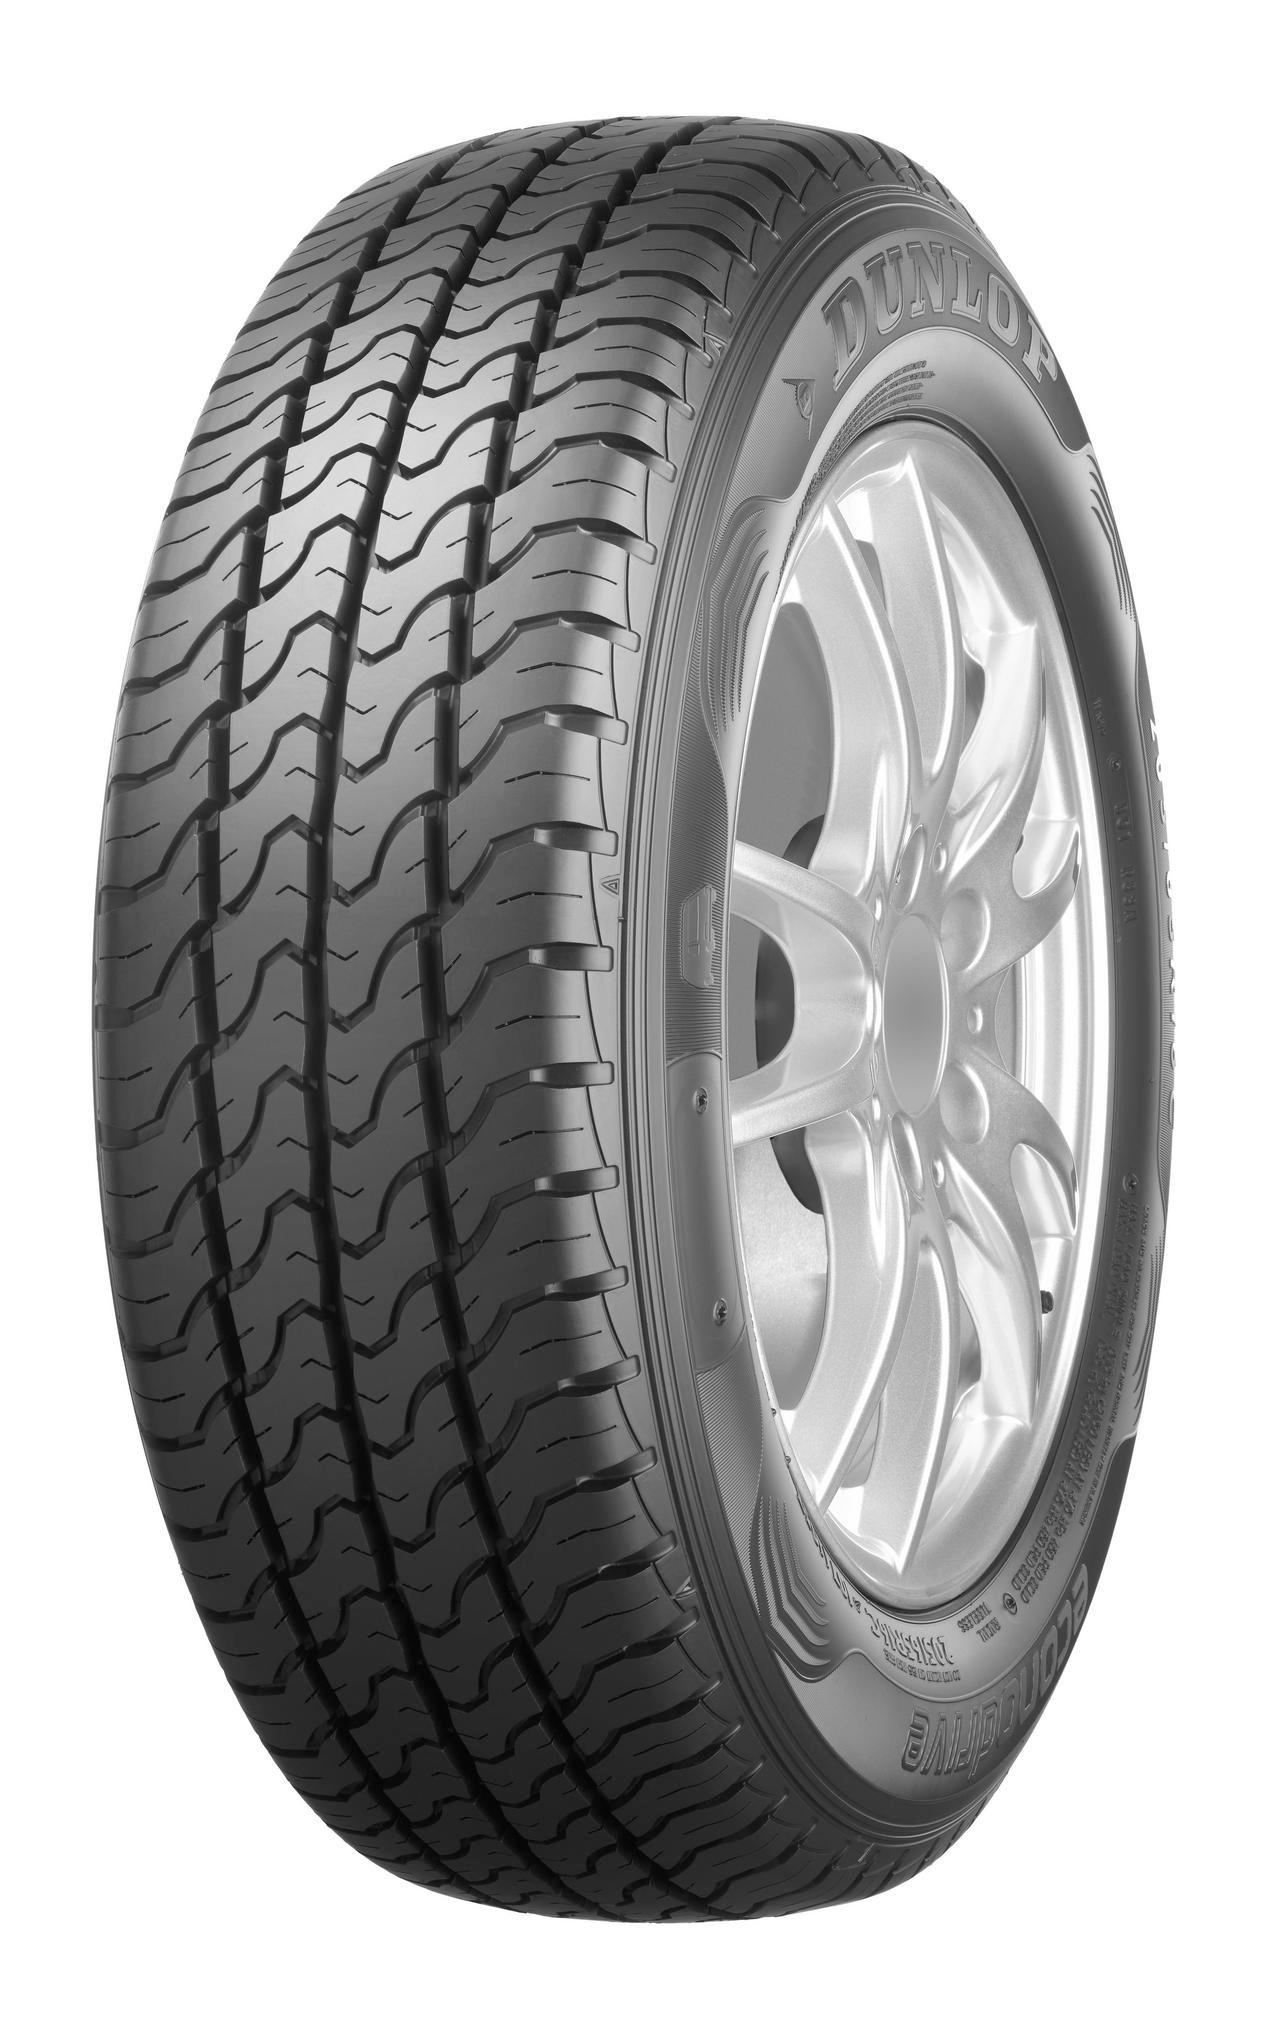 Dunlop Econodrive 195/60R16C 99/97H